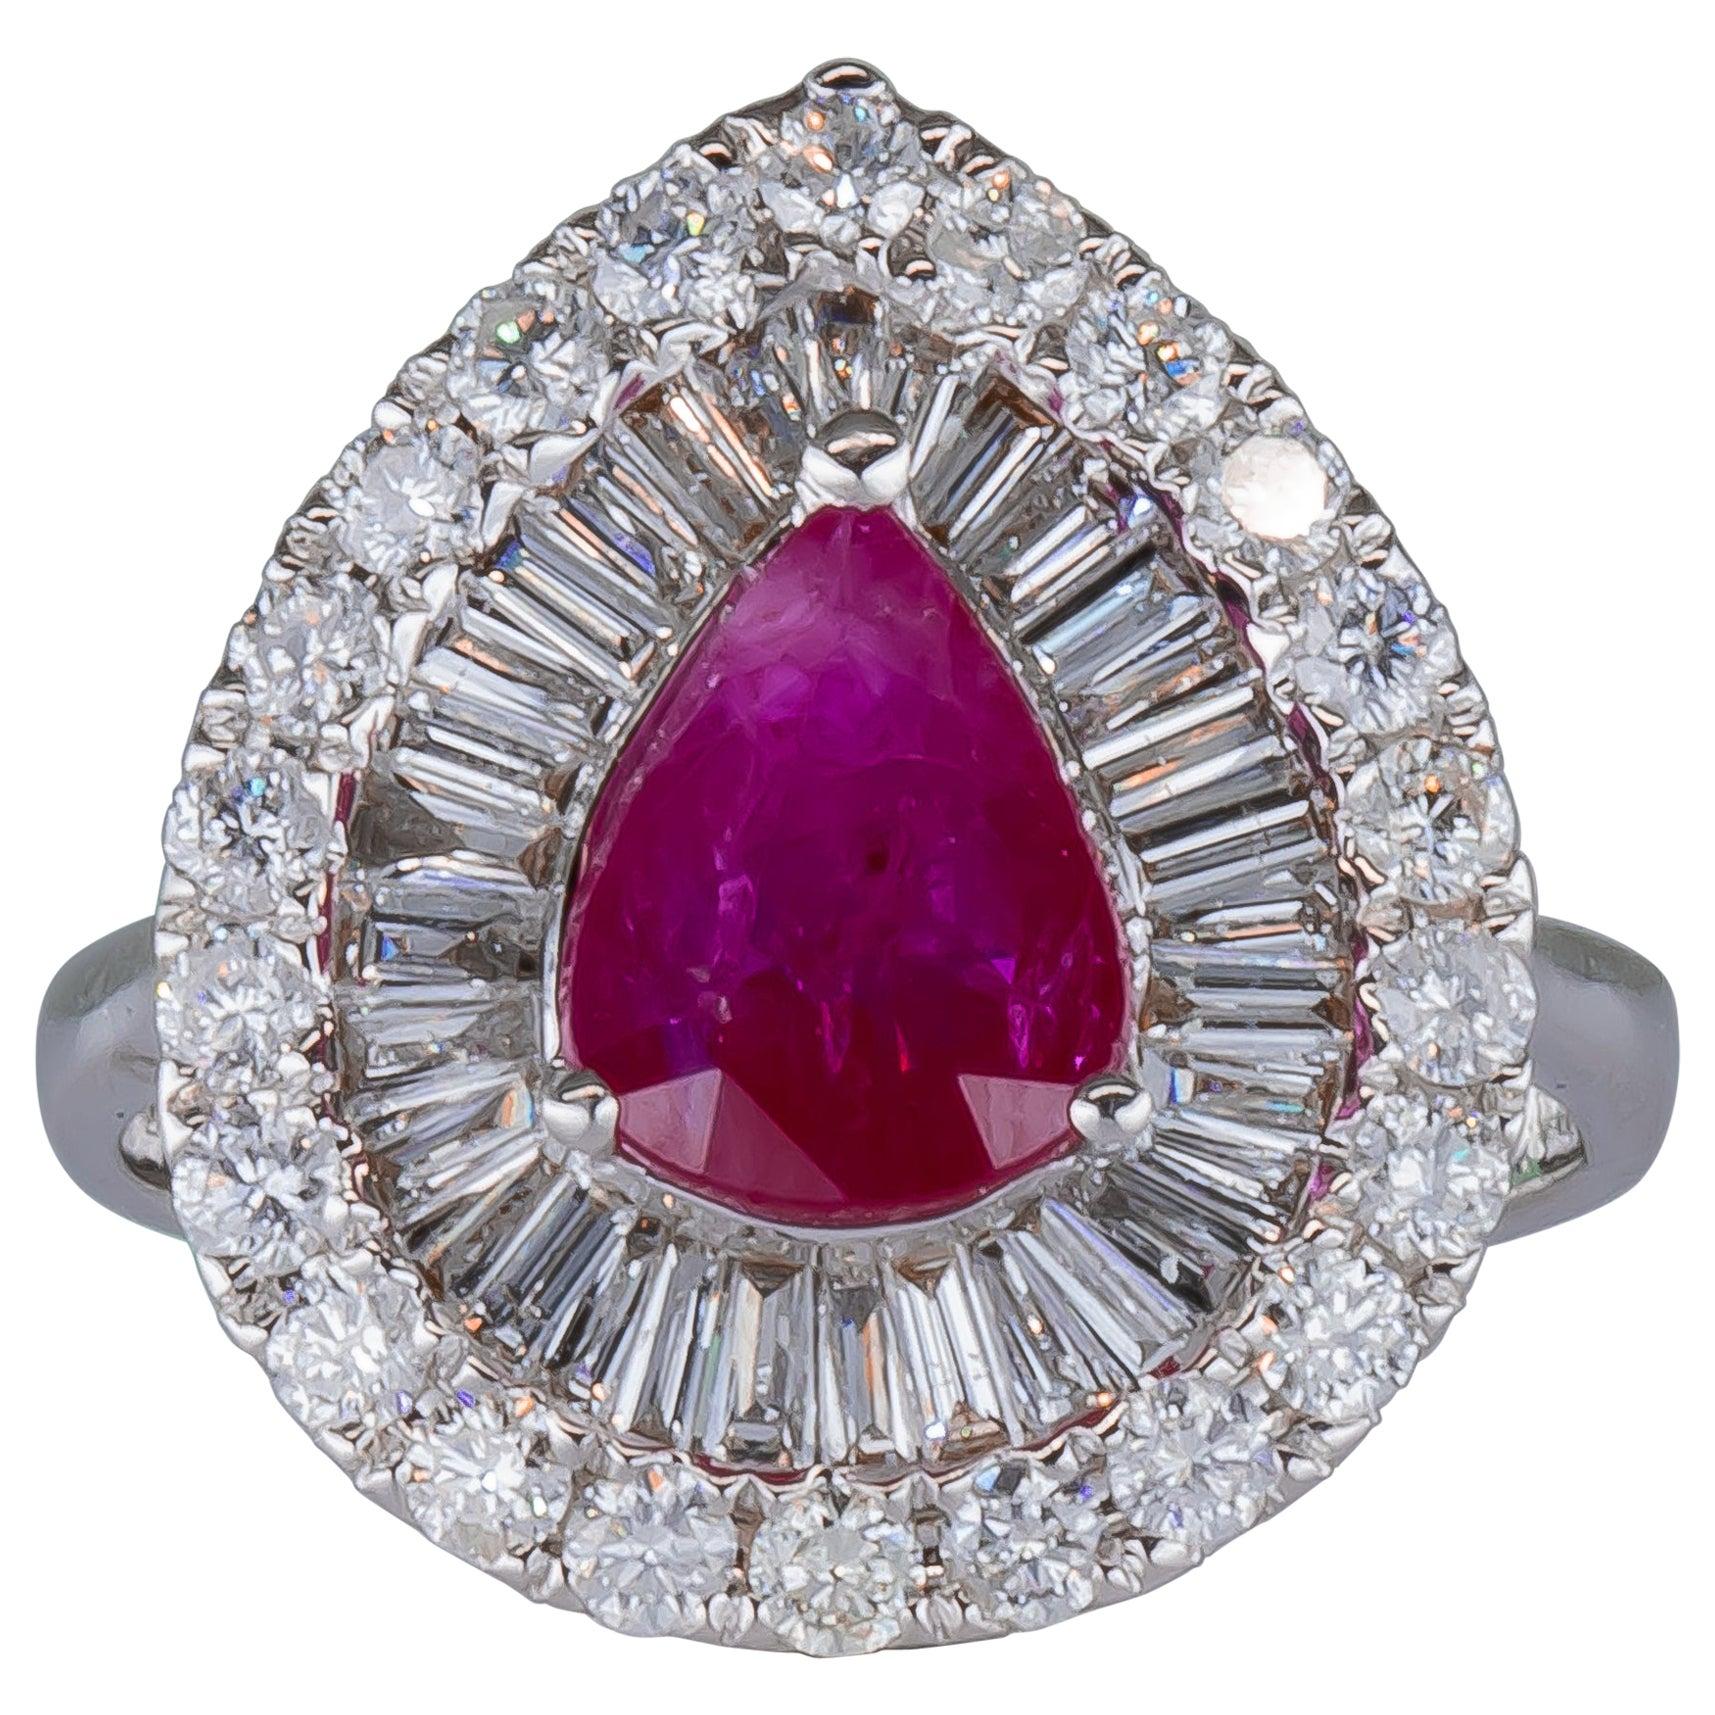 1.50 Carat Ruby Ring with Diamonds 18 Karat Gold